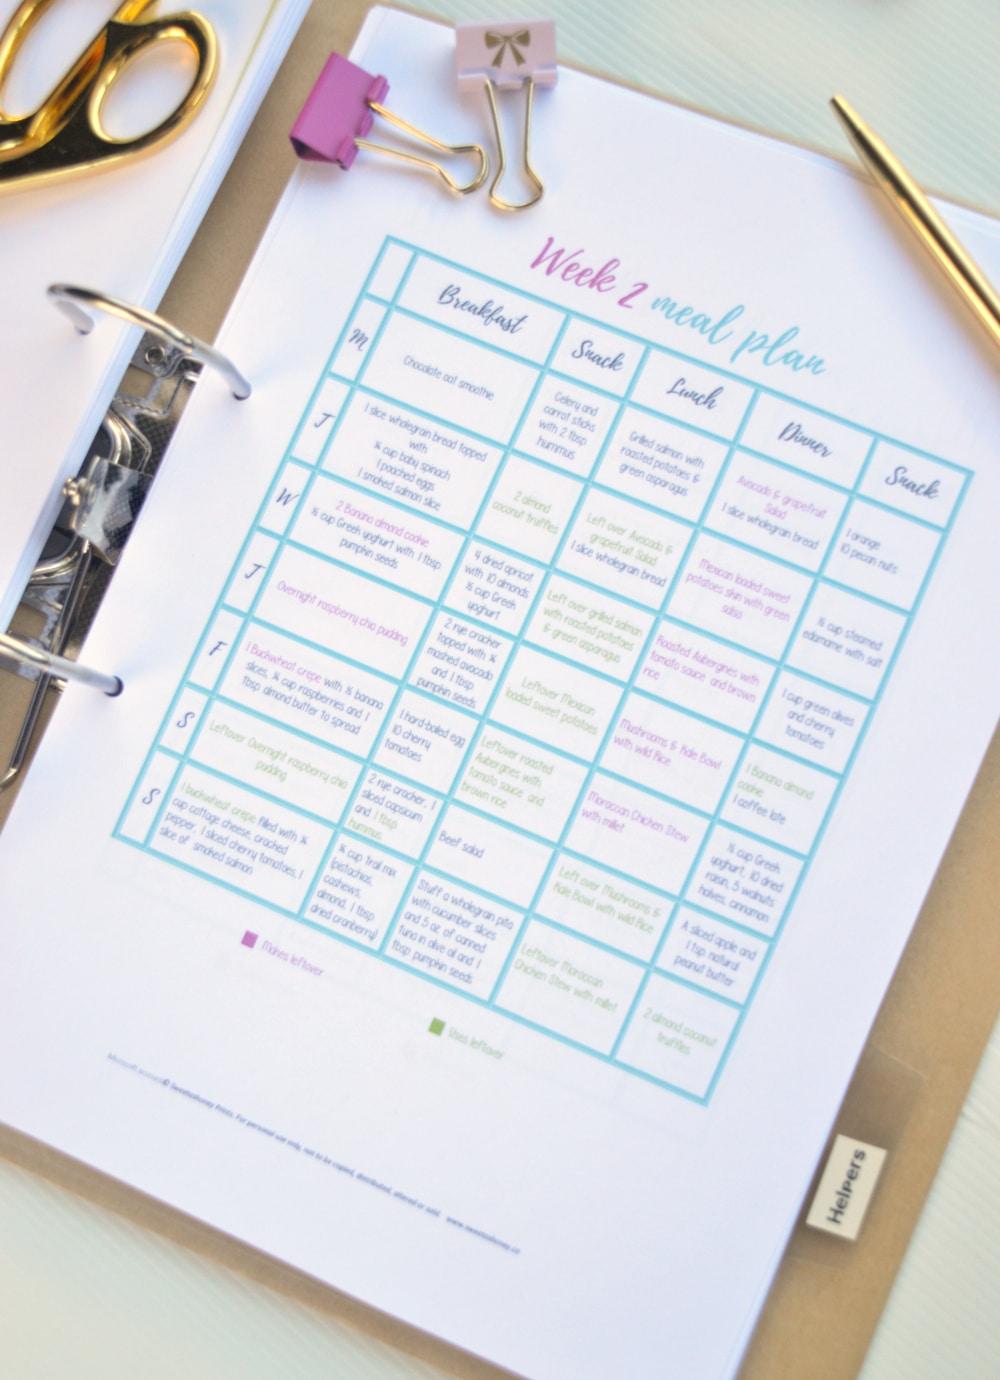 week2 meal plan